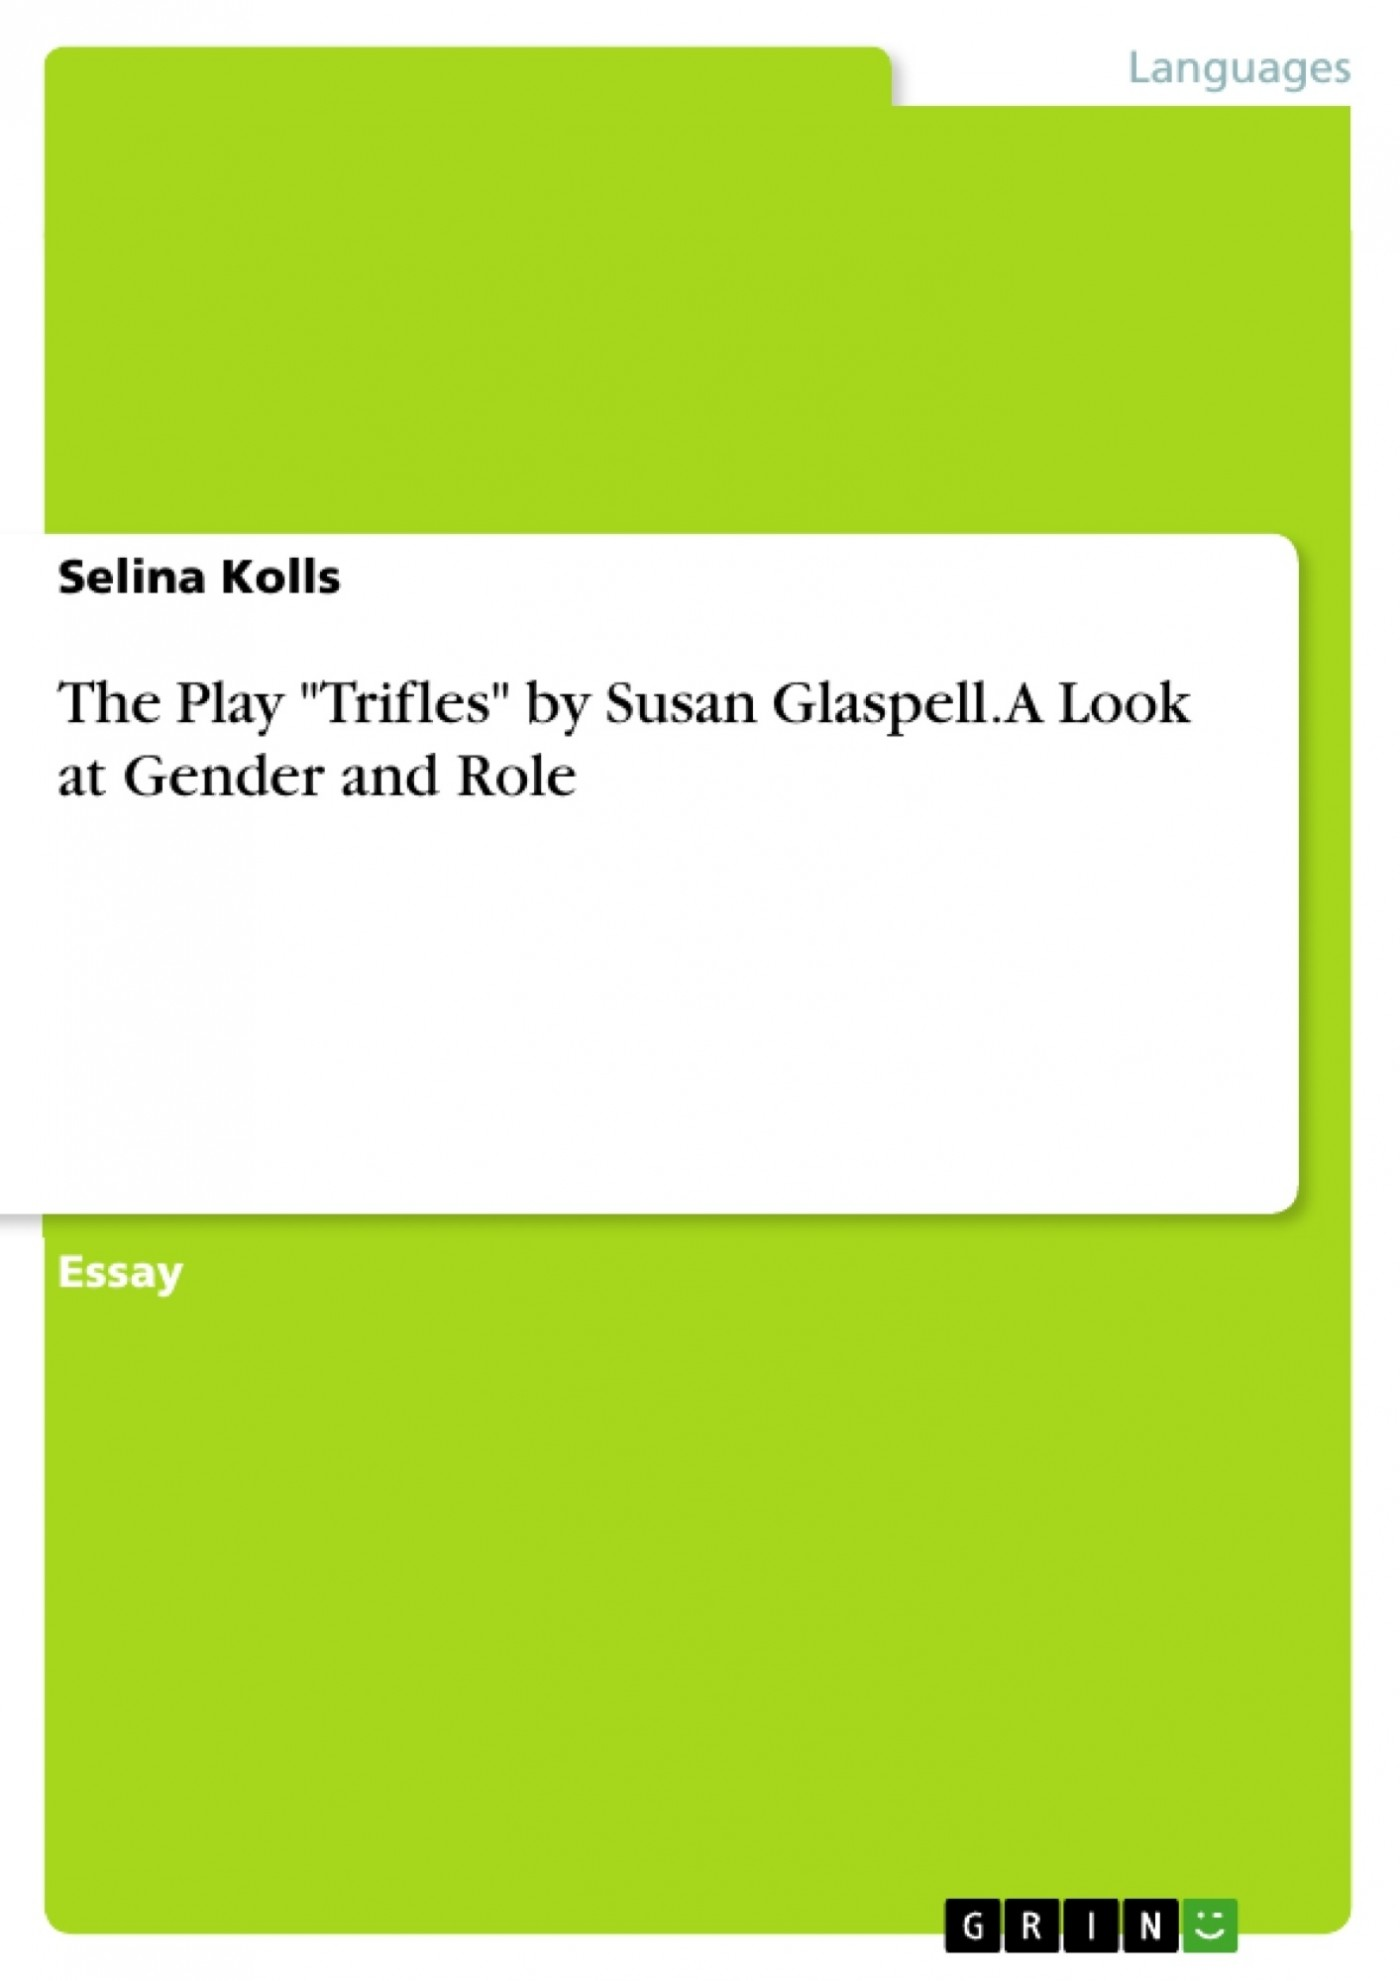 013 Essay Example Trifles 346796 0 Formidable Questions Feminism Topics 1400